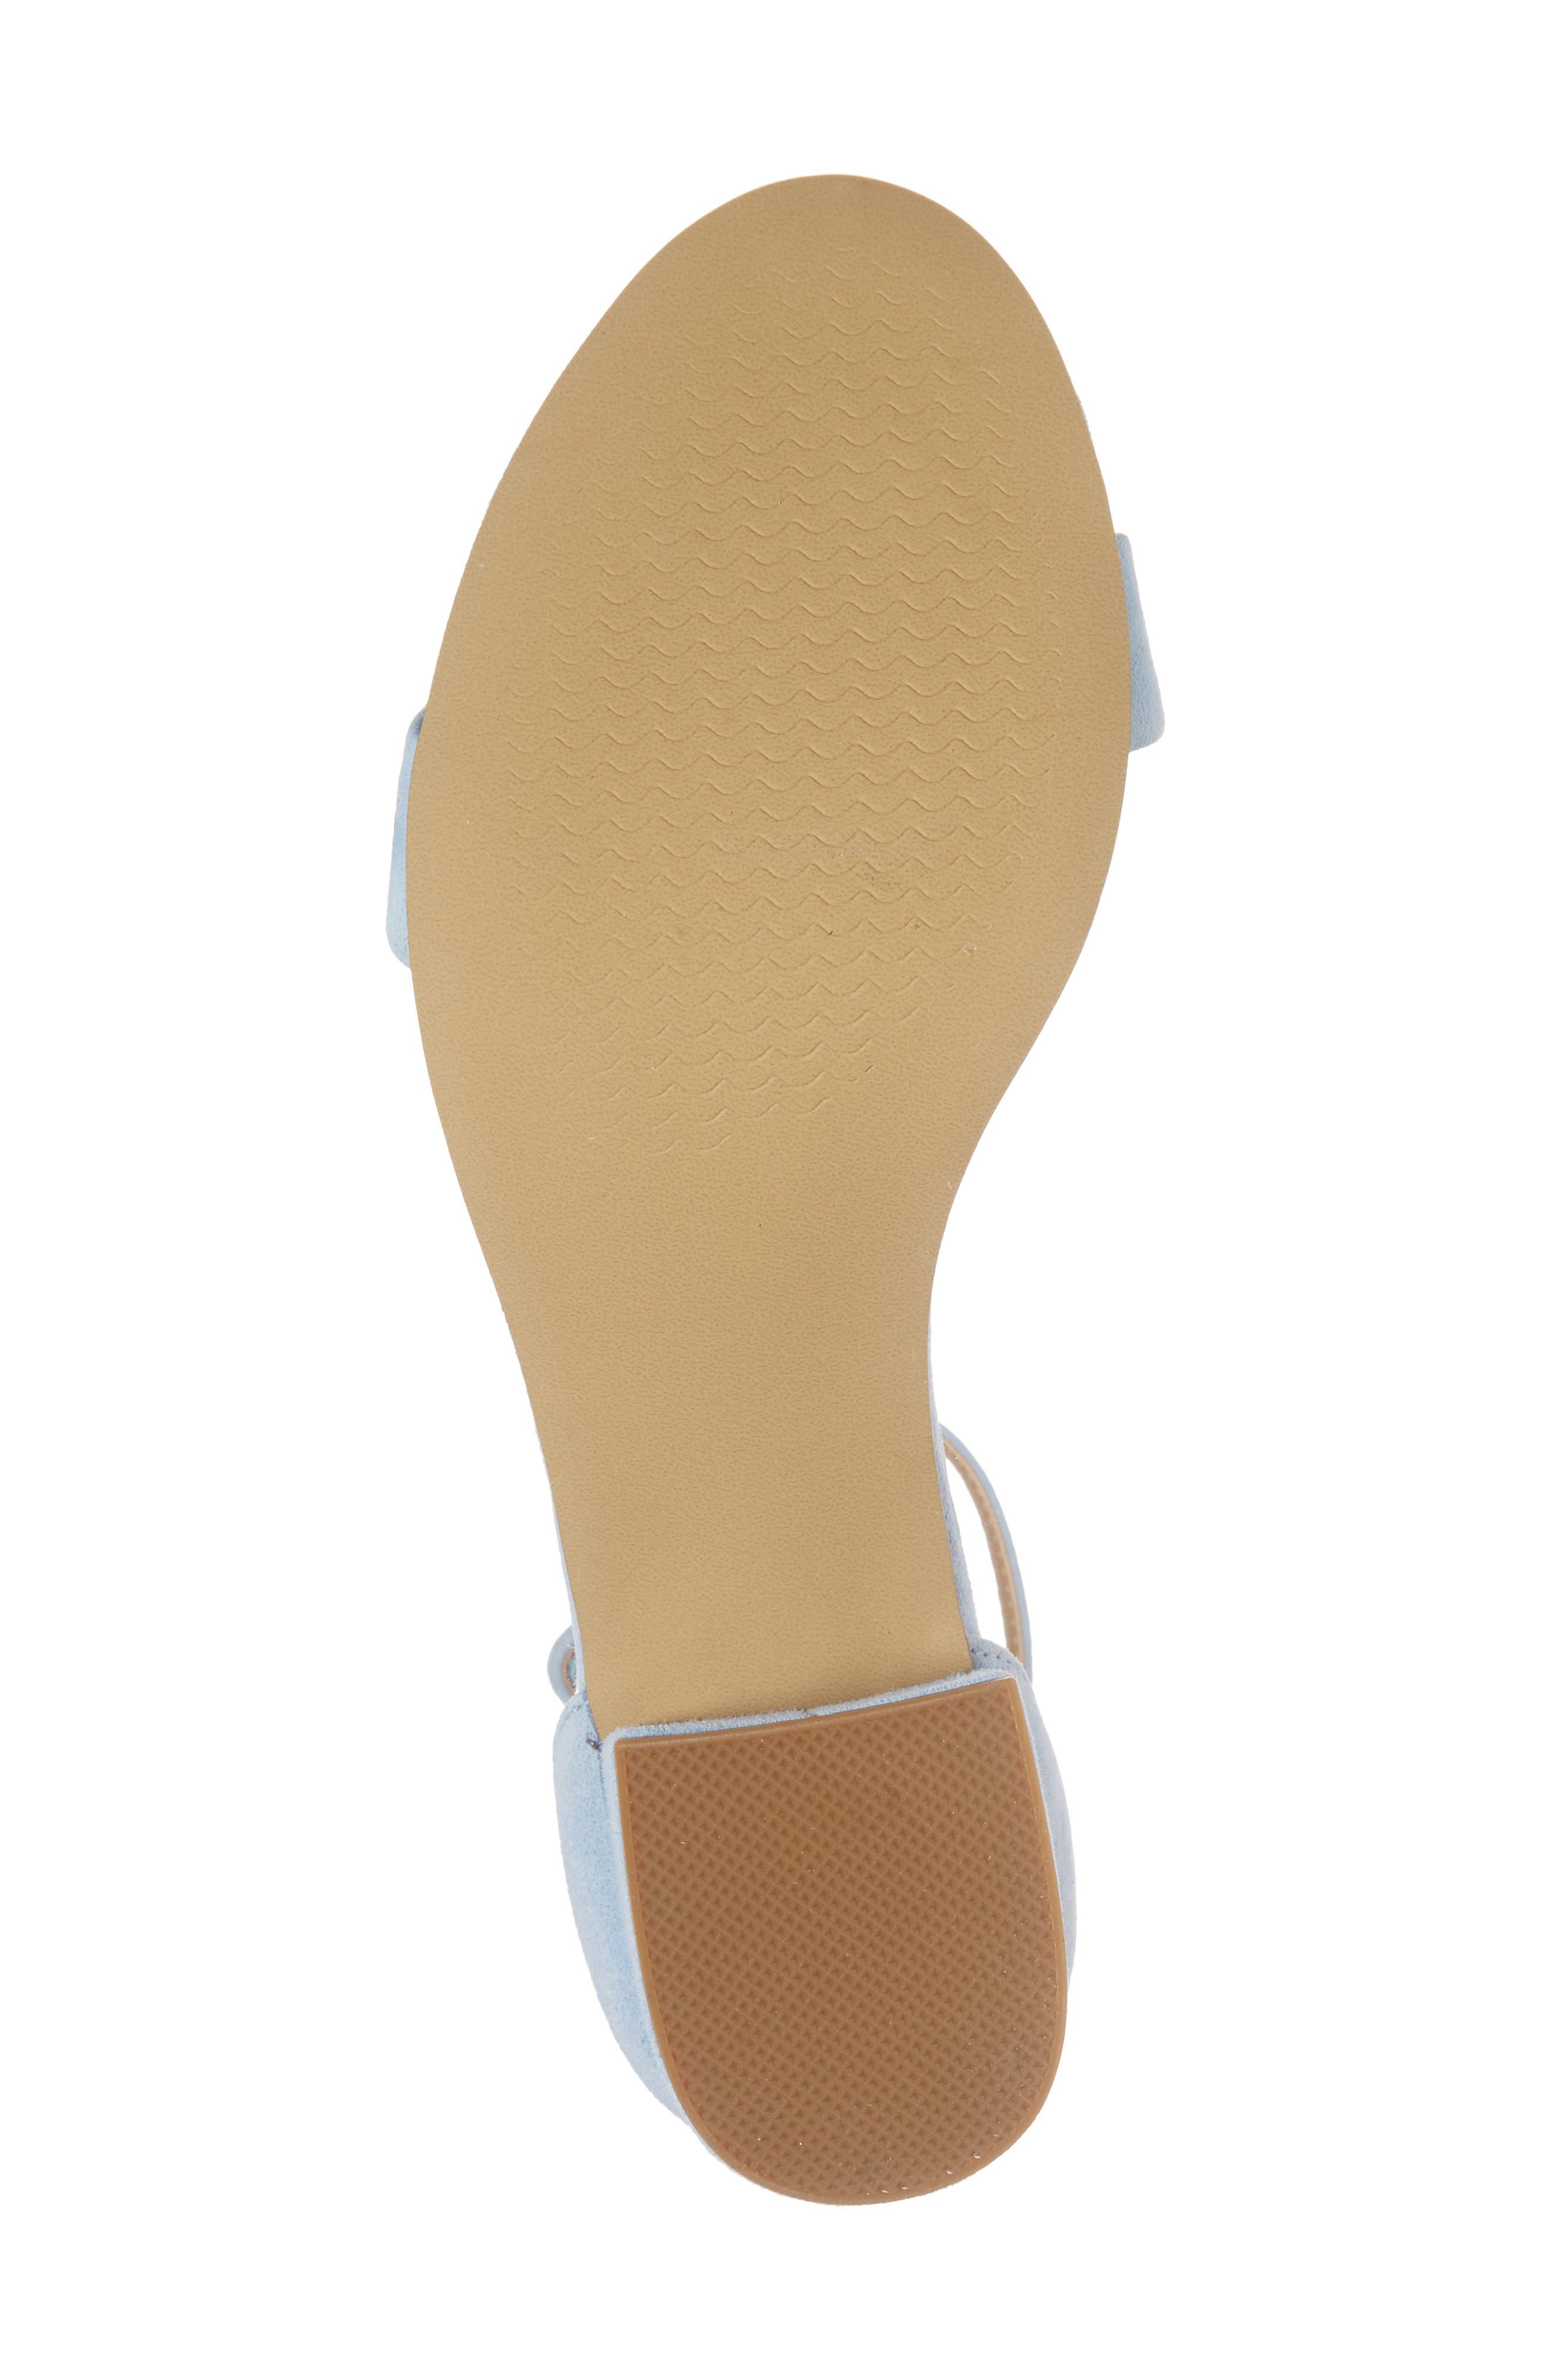 Irenee Ankle Strap Sandal,                             Alternate thumbnail 150, color,